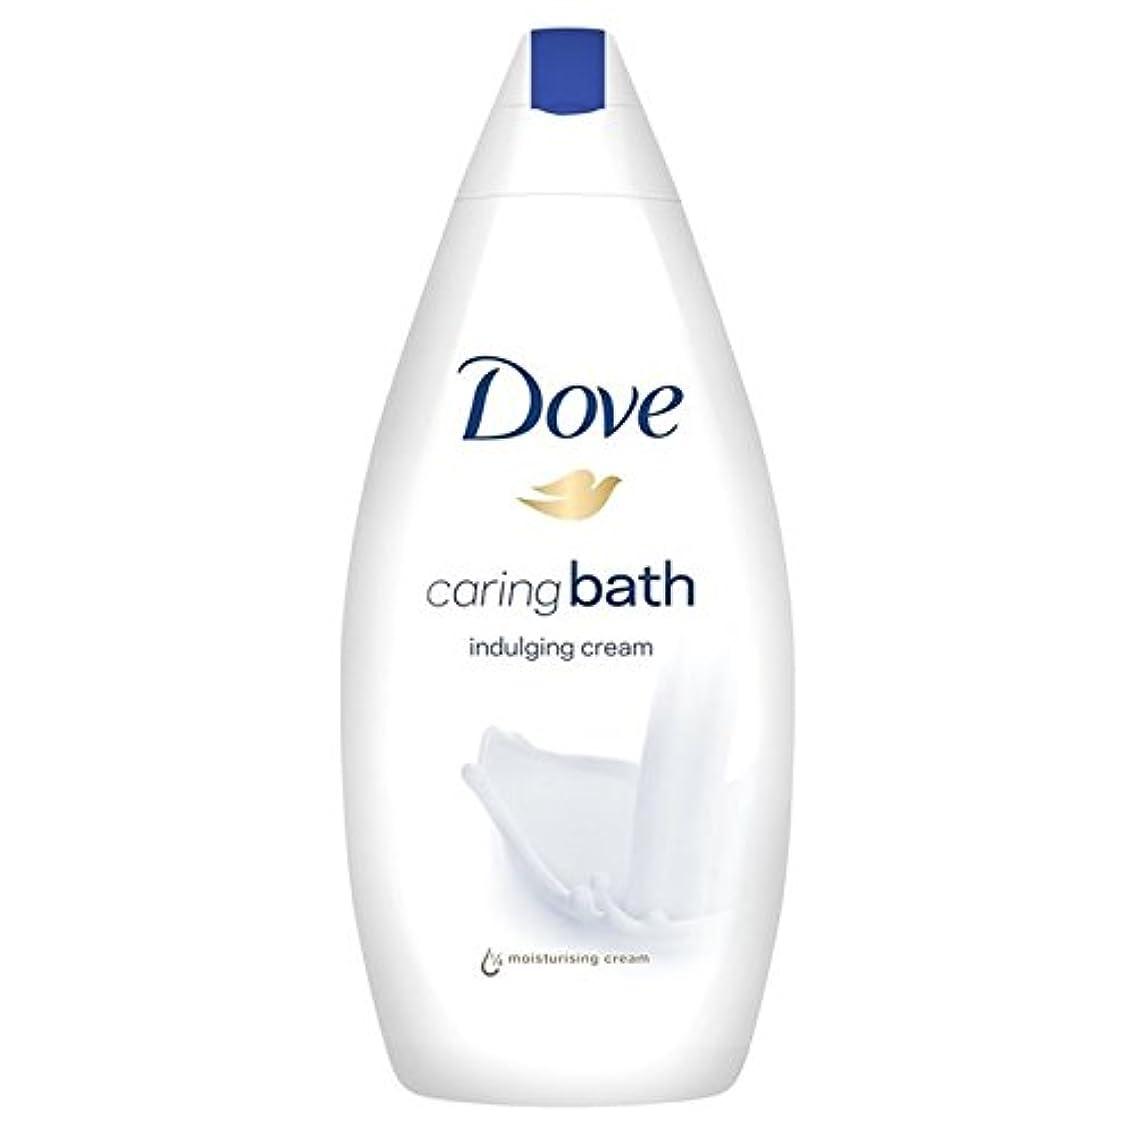 生物学アダルト枢機卿Dove Indulging Caring Bath 500ml (Pack of 6) - 思いやりのバス500ミリリットルをふける鳩 x6 [並行輸入品]